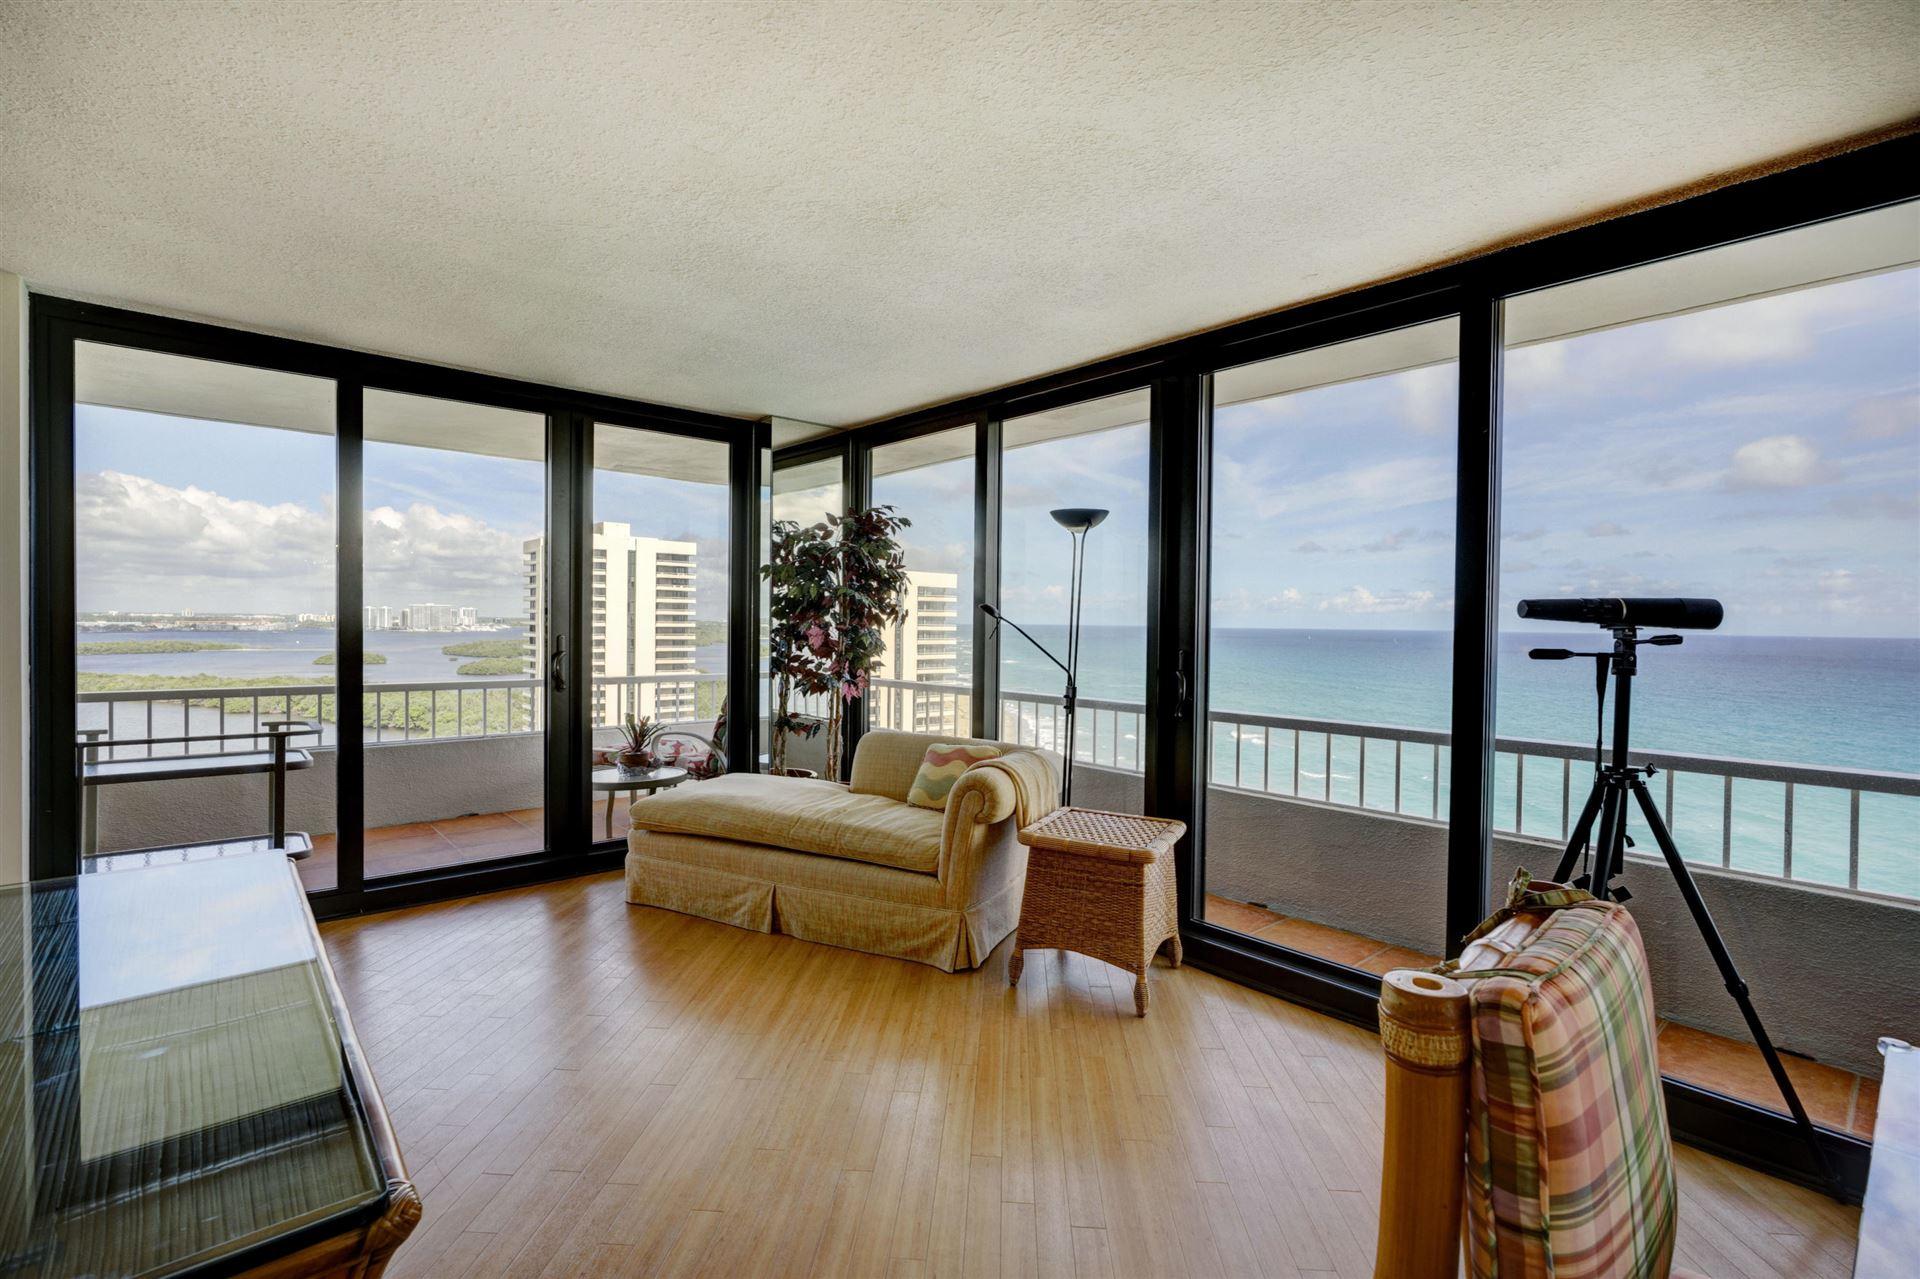 Photo of 5510 N Ocean Drive #18 C, Singer Island, FL 33404 (MLS # RX-10654150)